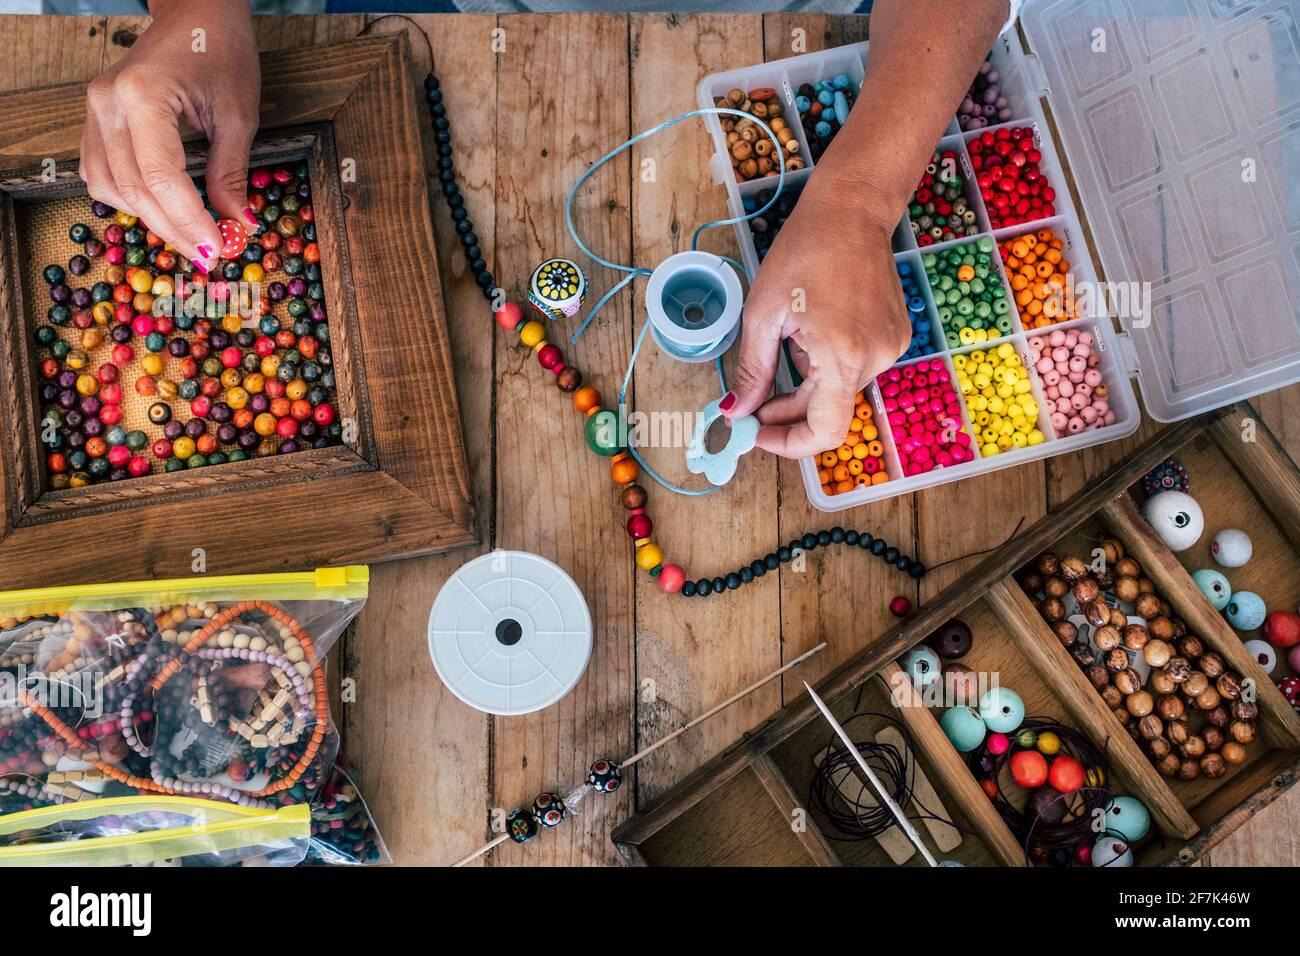 Fabrication de bijoux faits à la main. Boîte avec perles sur une ancienne table en bois. Vue de dessus avec les mains de femme - tutoriel pour apprendre à faire des bracelets et des bijoux sur Banque D'Images